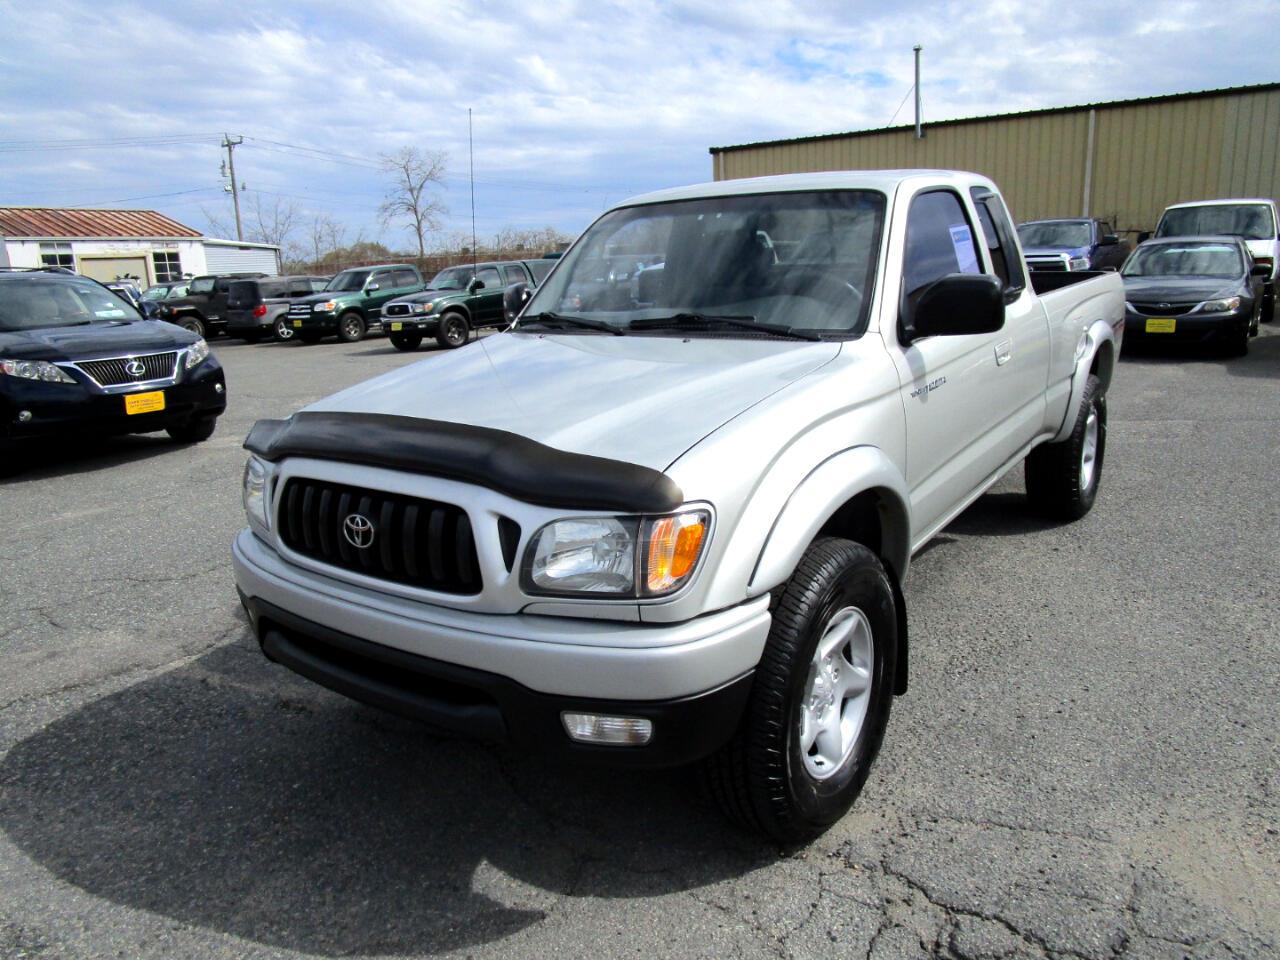 Toyota Tacoma XtraCab V6 Auto 4WD (Natl) 2003